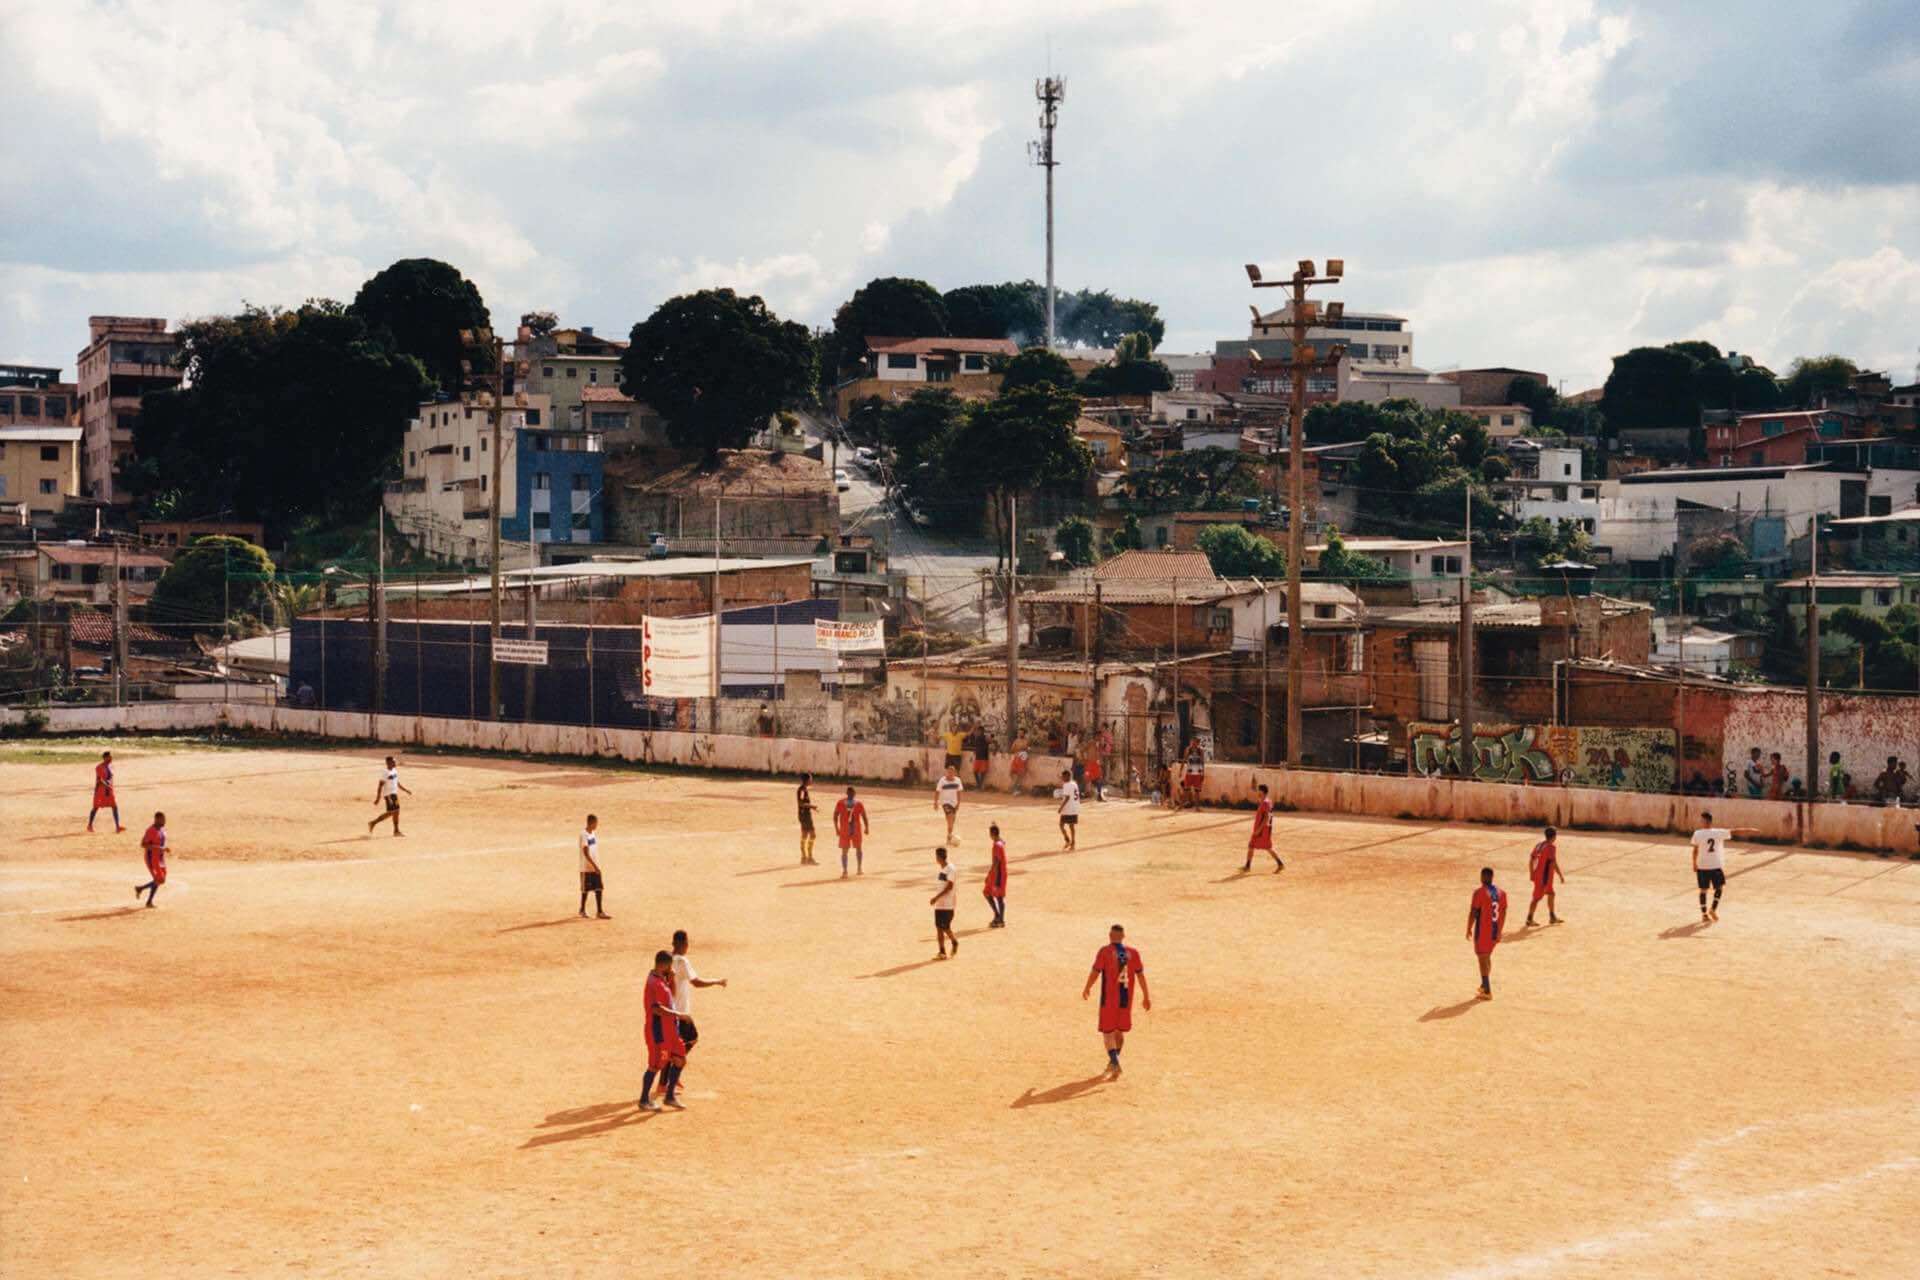 Várzea Eden football